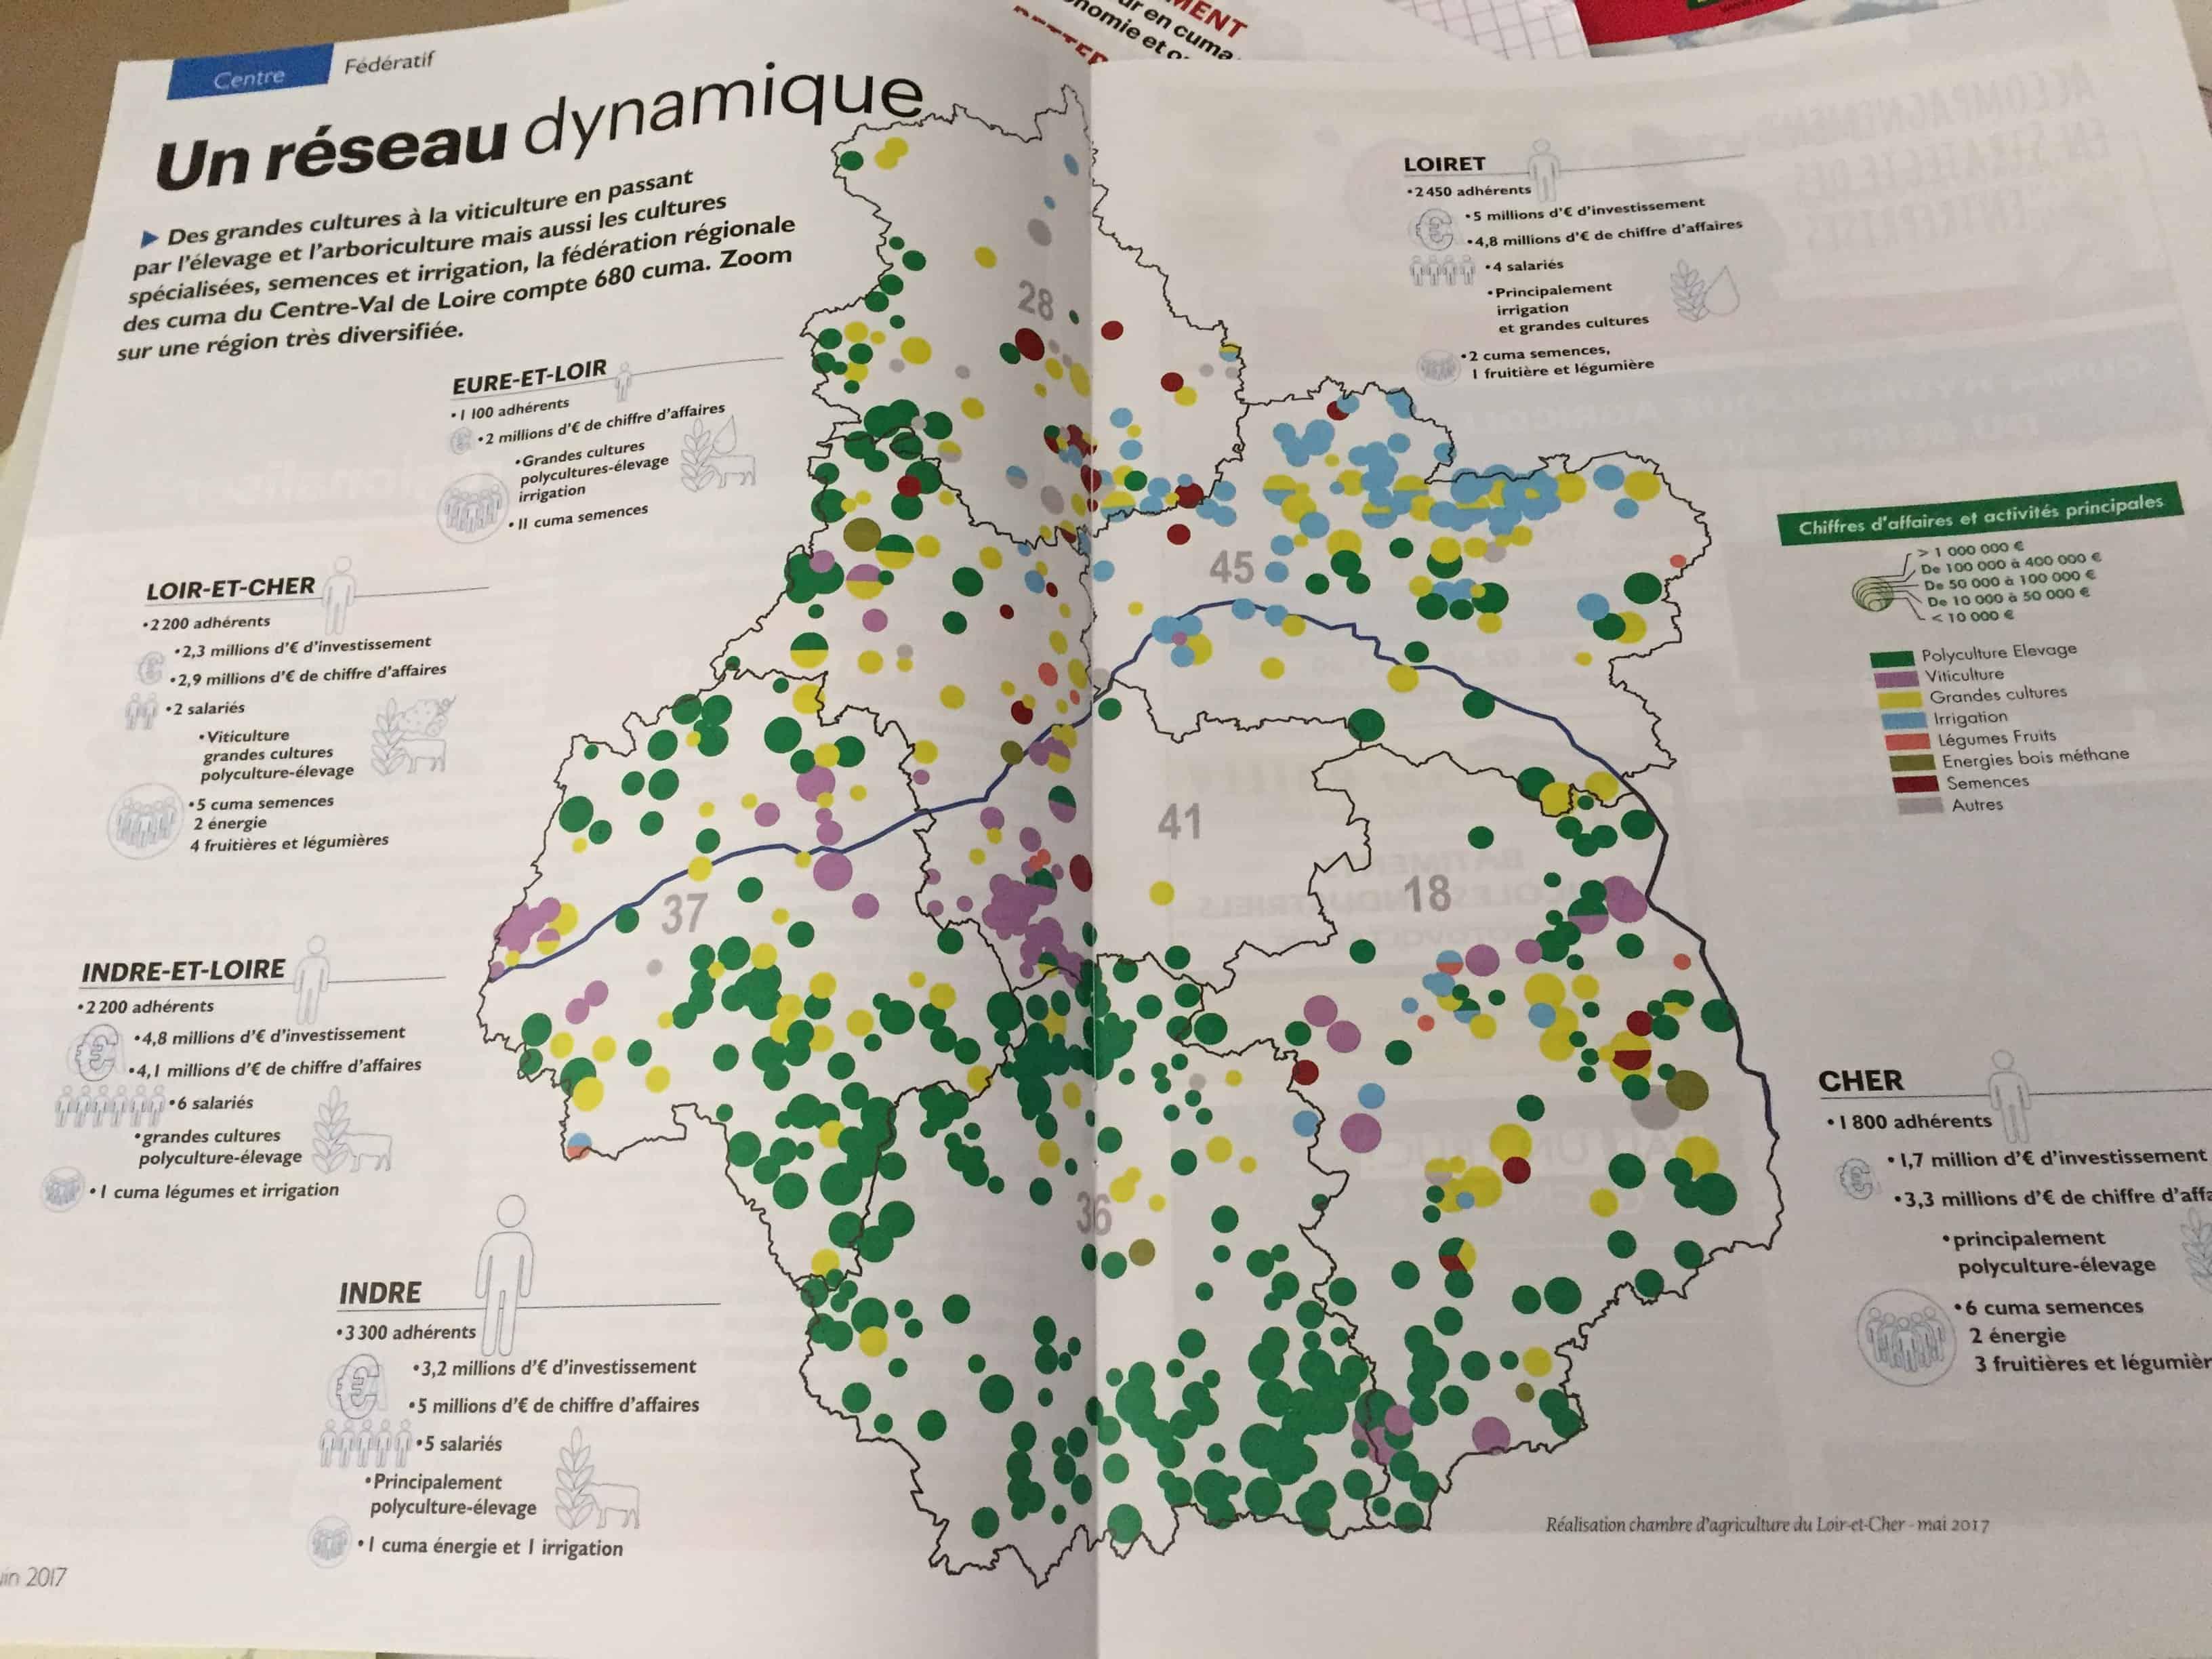 Carte chambre agriculture centre val de loire juin 2017 for Chambre agriculture indre et loire